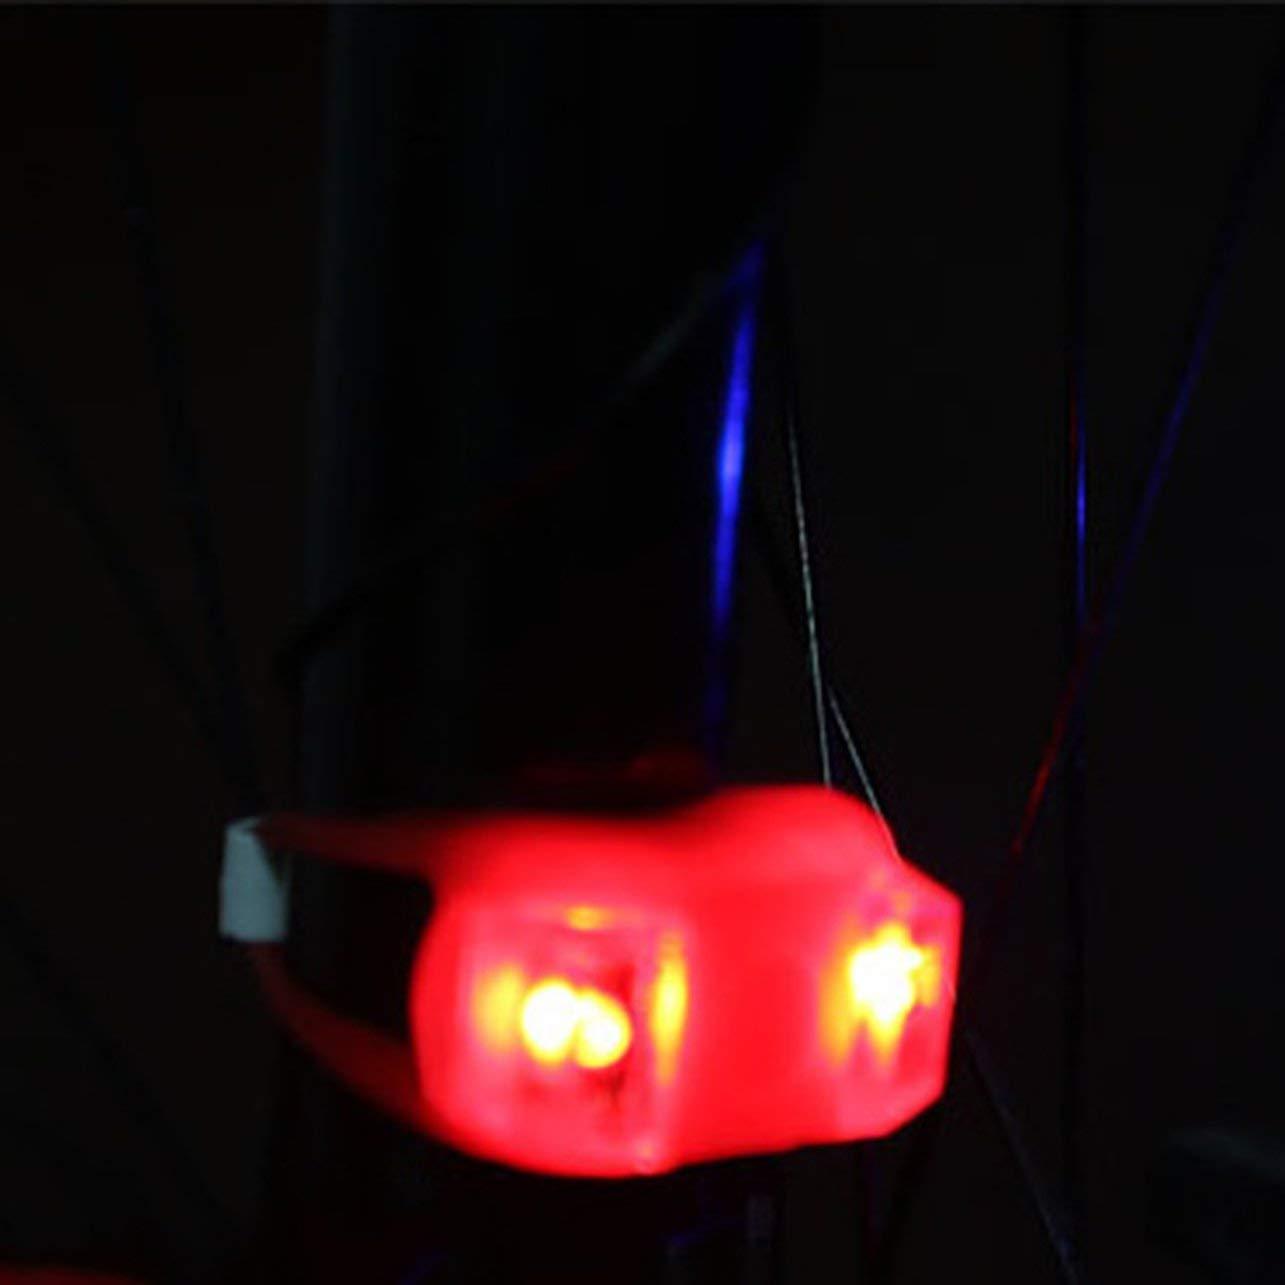 26mm 3 Mode 2 LED V/élo V/élo V/élo T/ête Avant Lumi/ère Arri/ère LED Lampe Flash comprennent Batterie Nouvelle Marque WOSOSYEYO 50mm 45mm